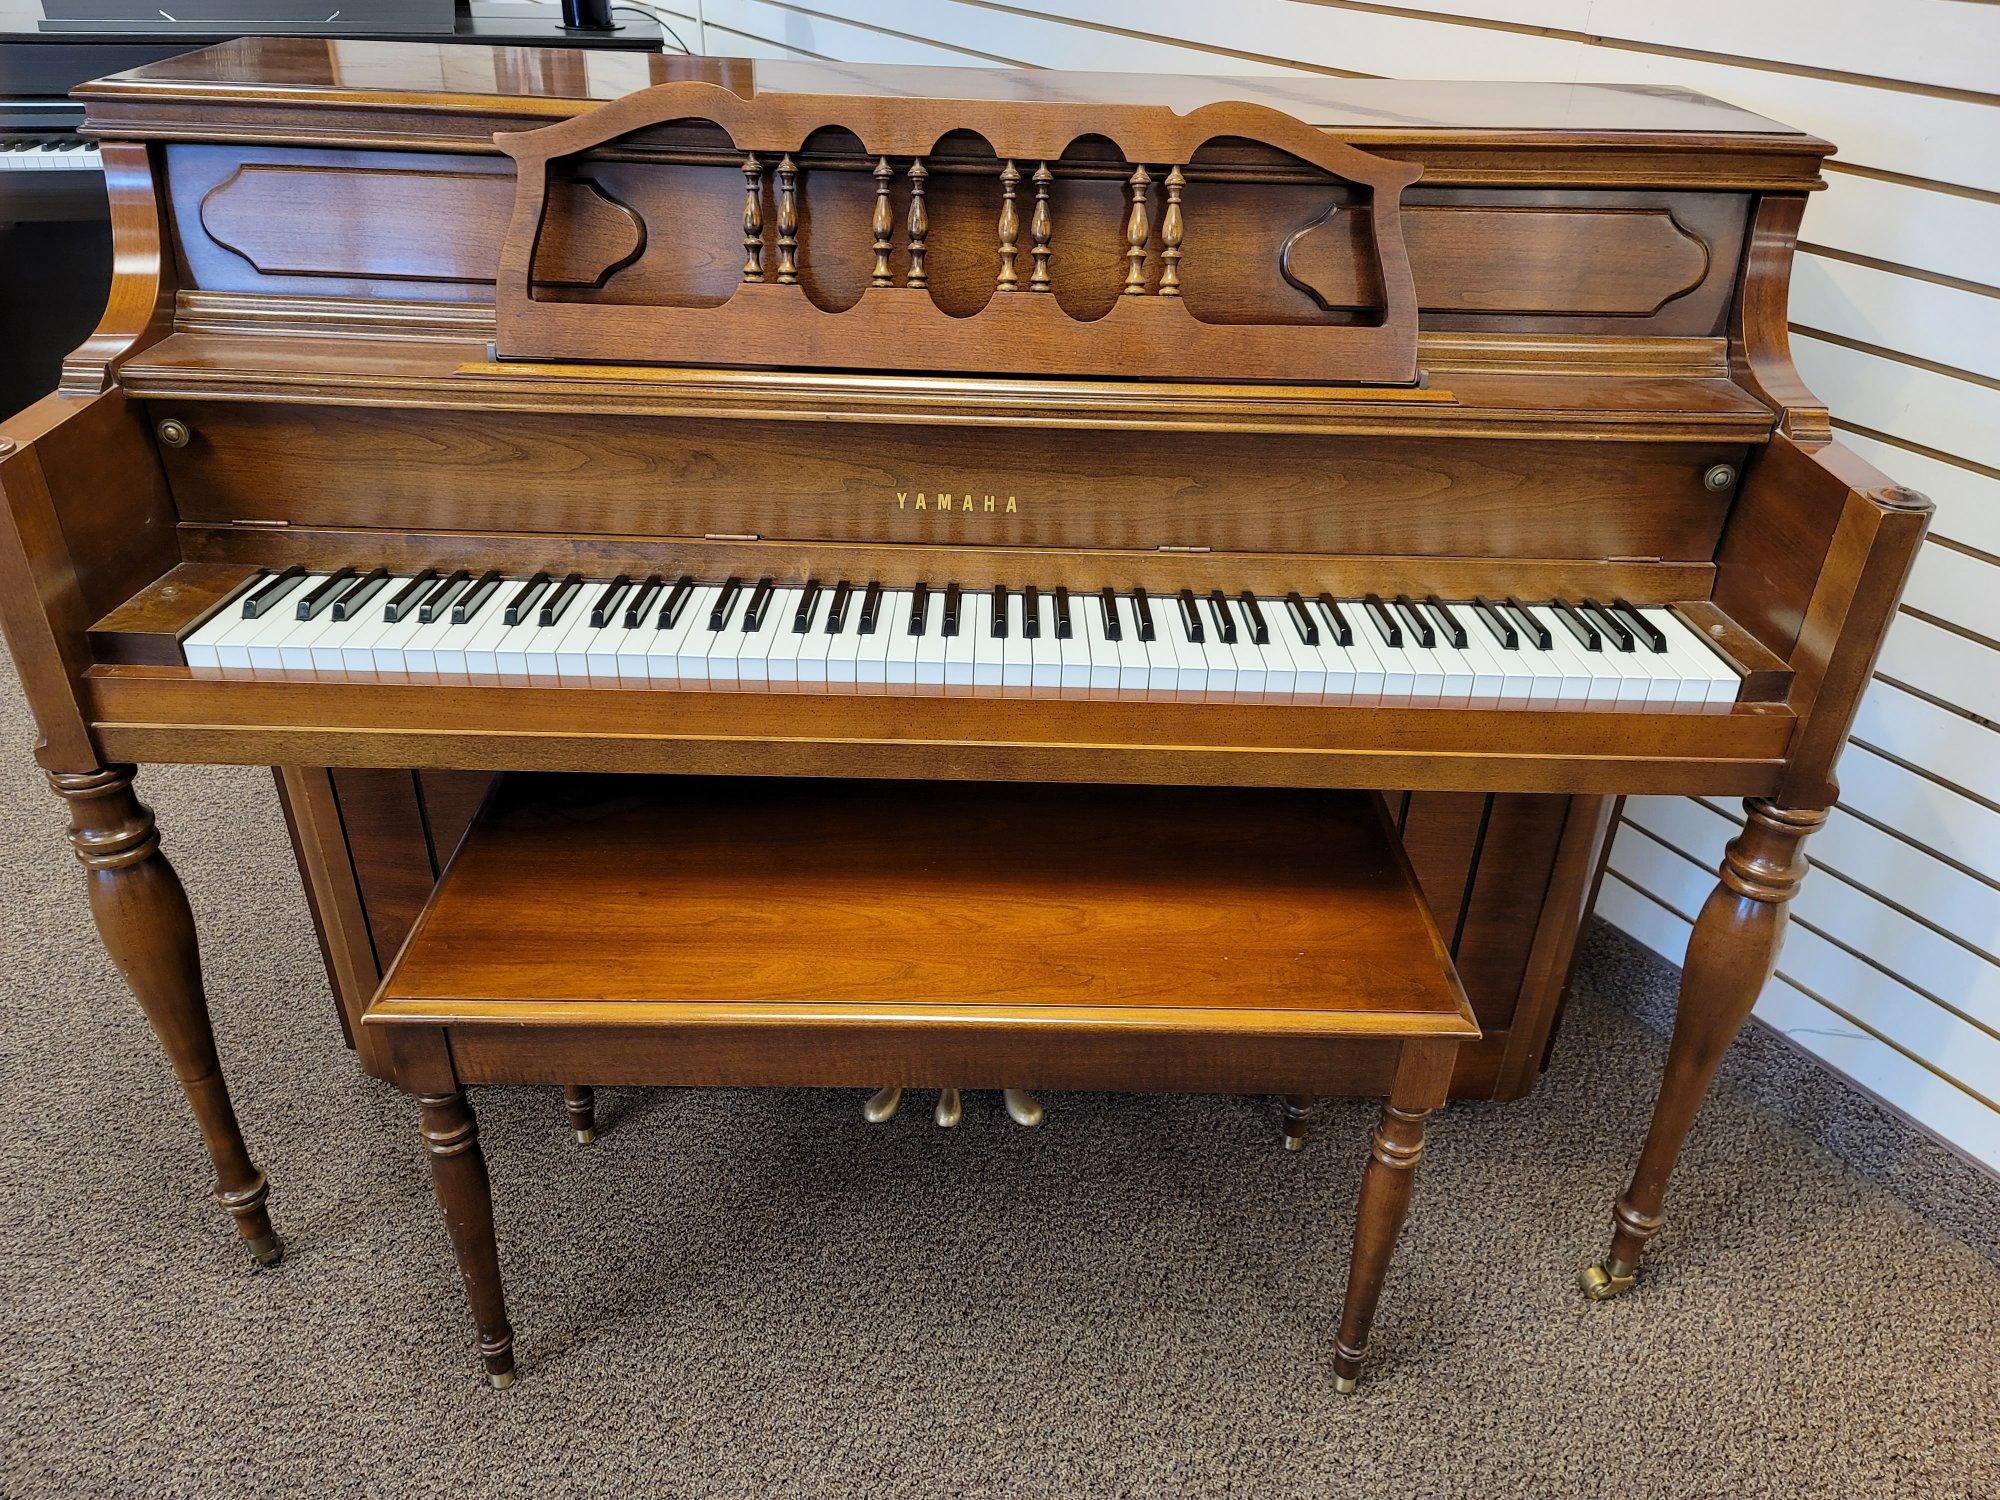 Yamaha M216 Vertical Piano (Cherry)